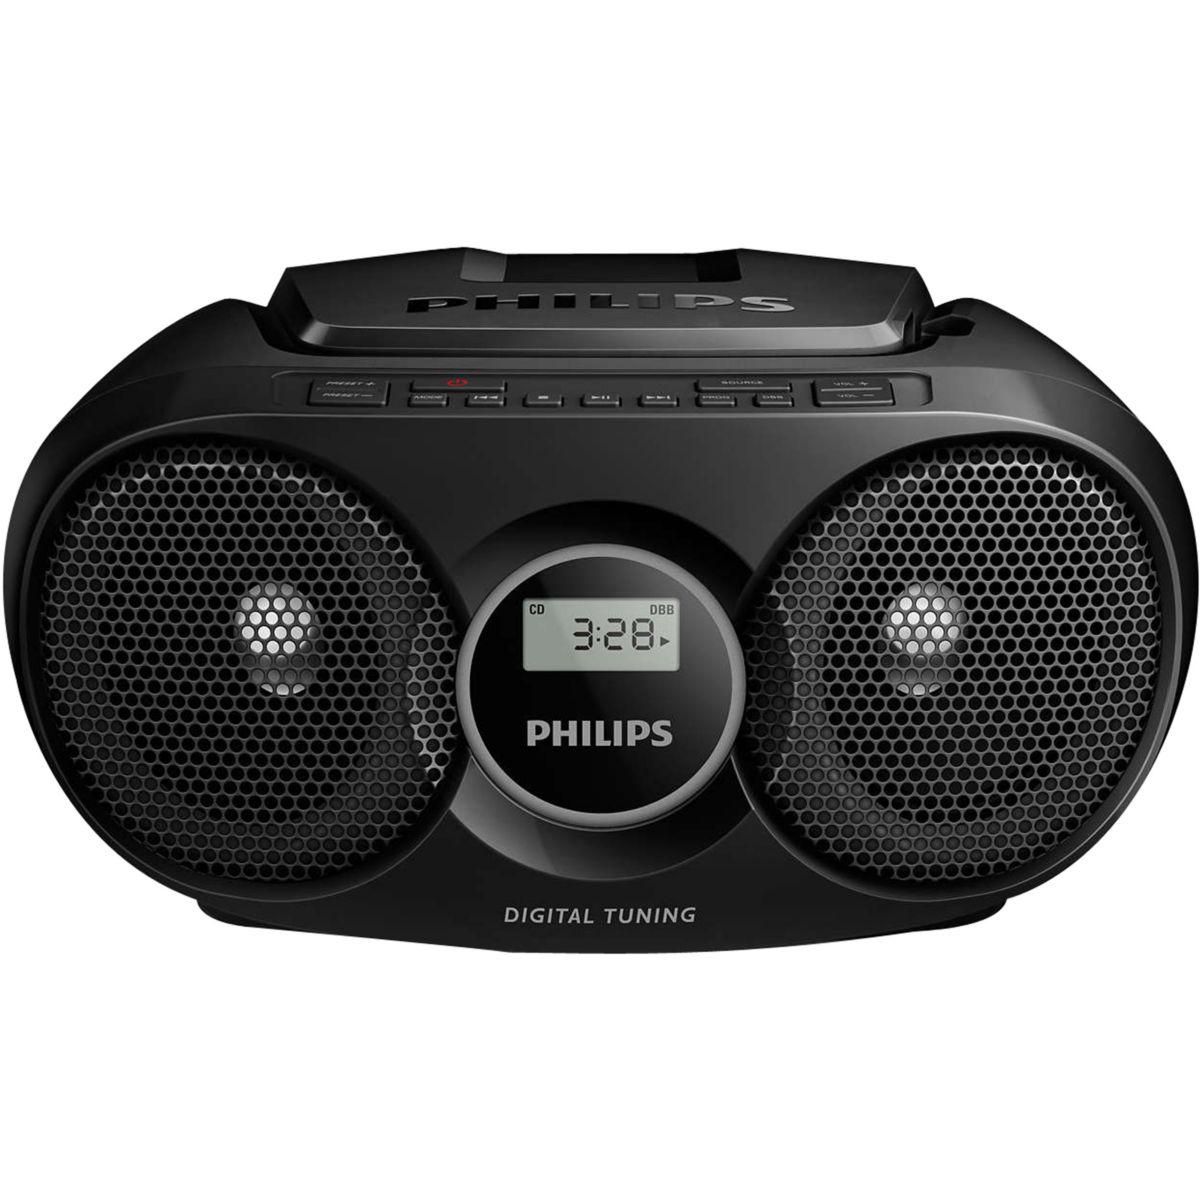 Radio cd philips az215b - 10% de remise imm�diate avec le code : wd10 (photo)